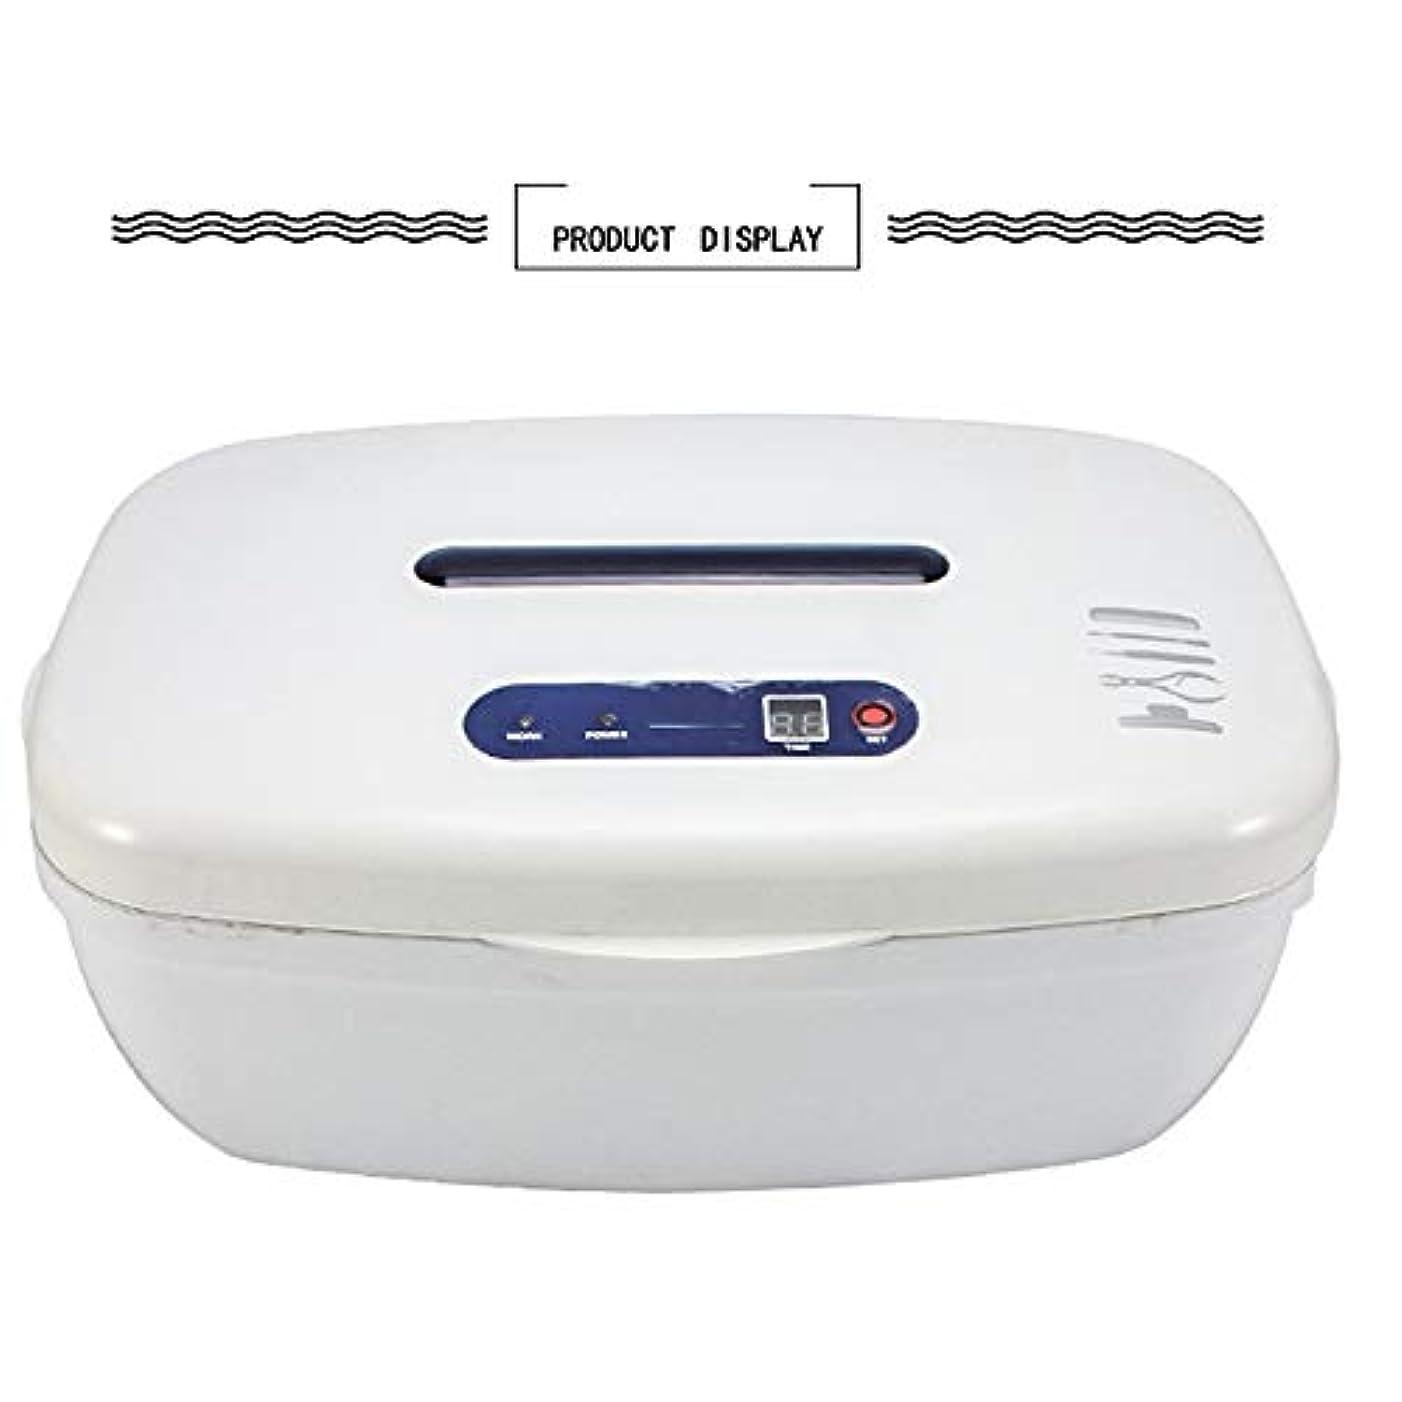 ホールド蒸発感情専門の紫外線滅菌装置箱、釘用具の釘の大広間装置をきれいにするための紫外線の消毒剤